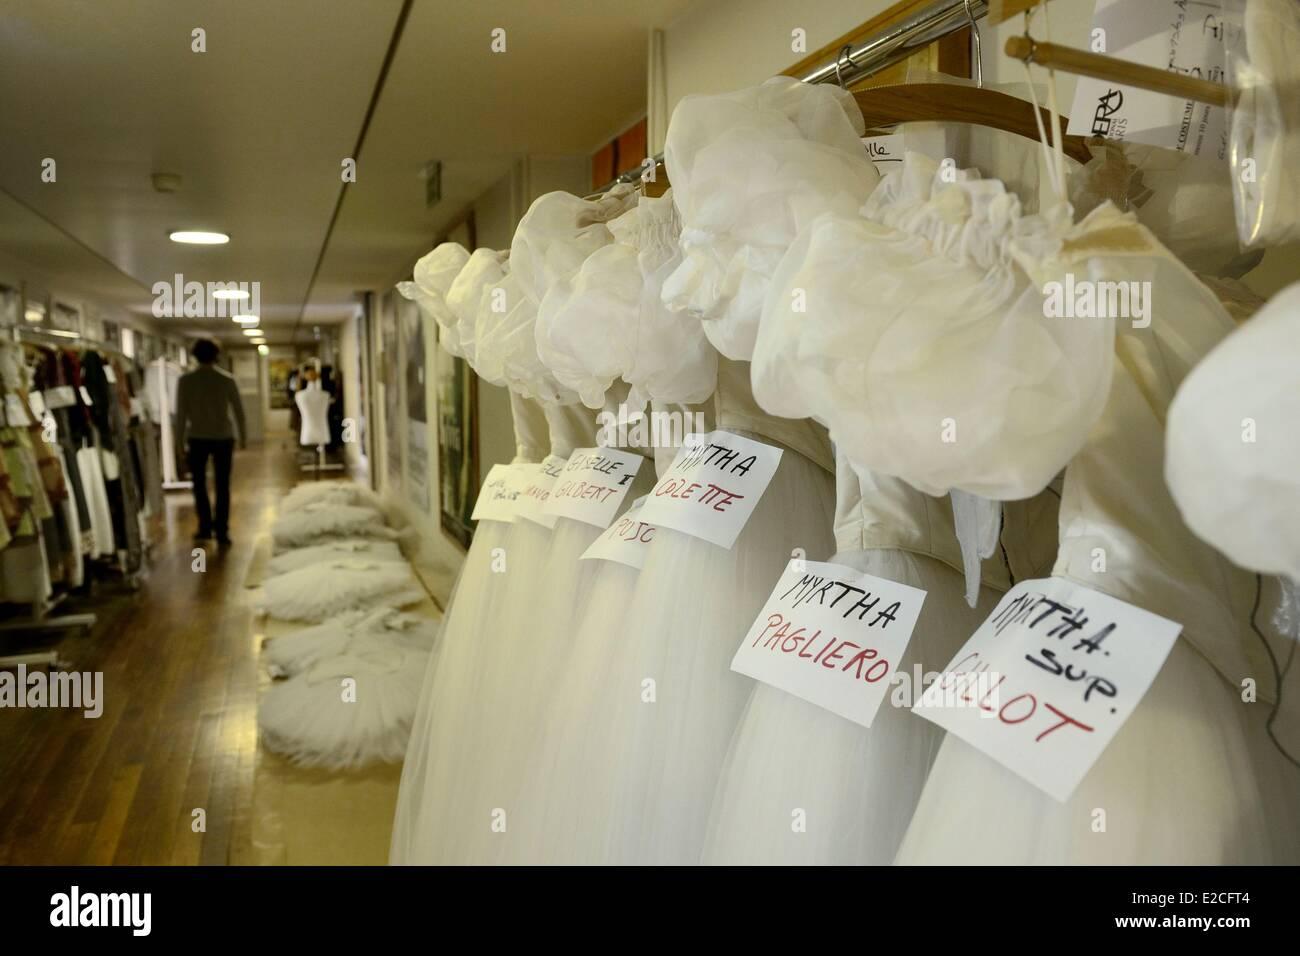 Francia, Parigi, Opera Garnier, il costume workshop, costumi in attesa in un corridoio Immagini Stock